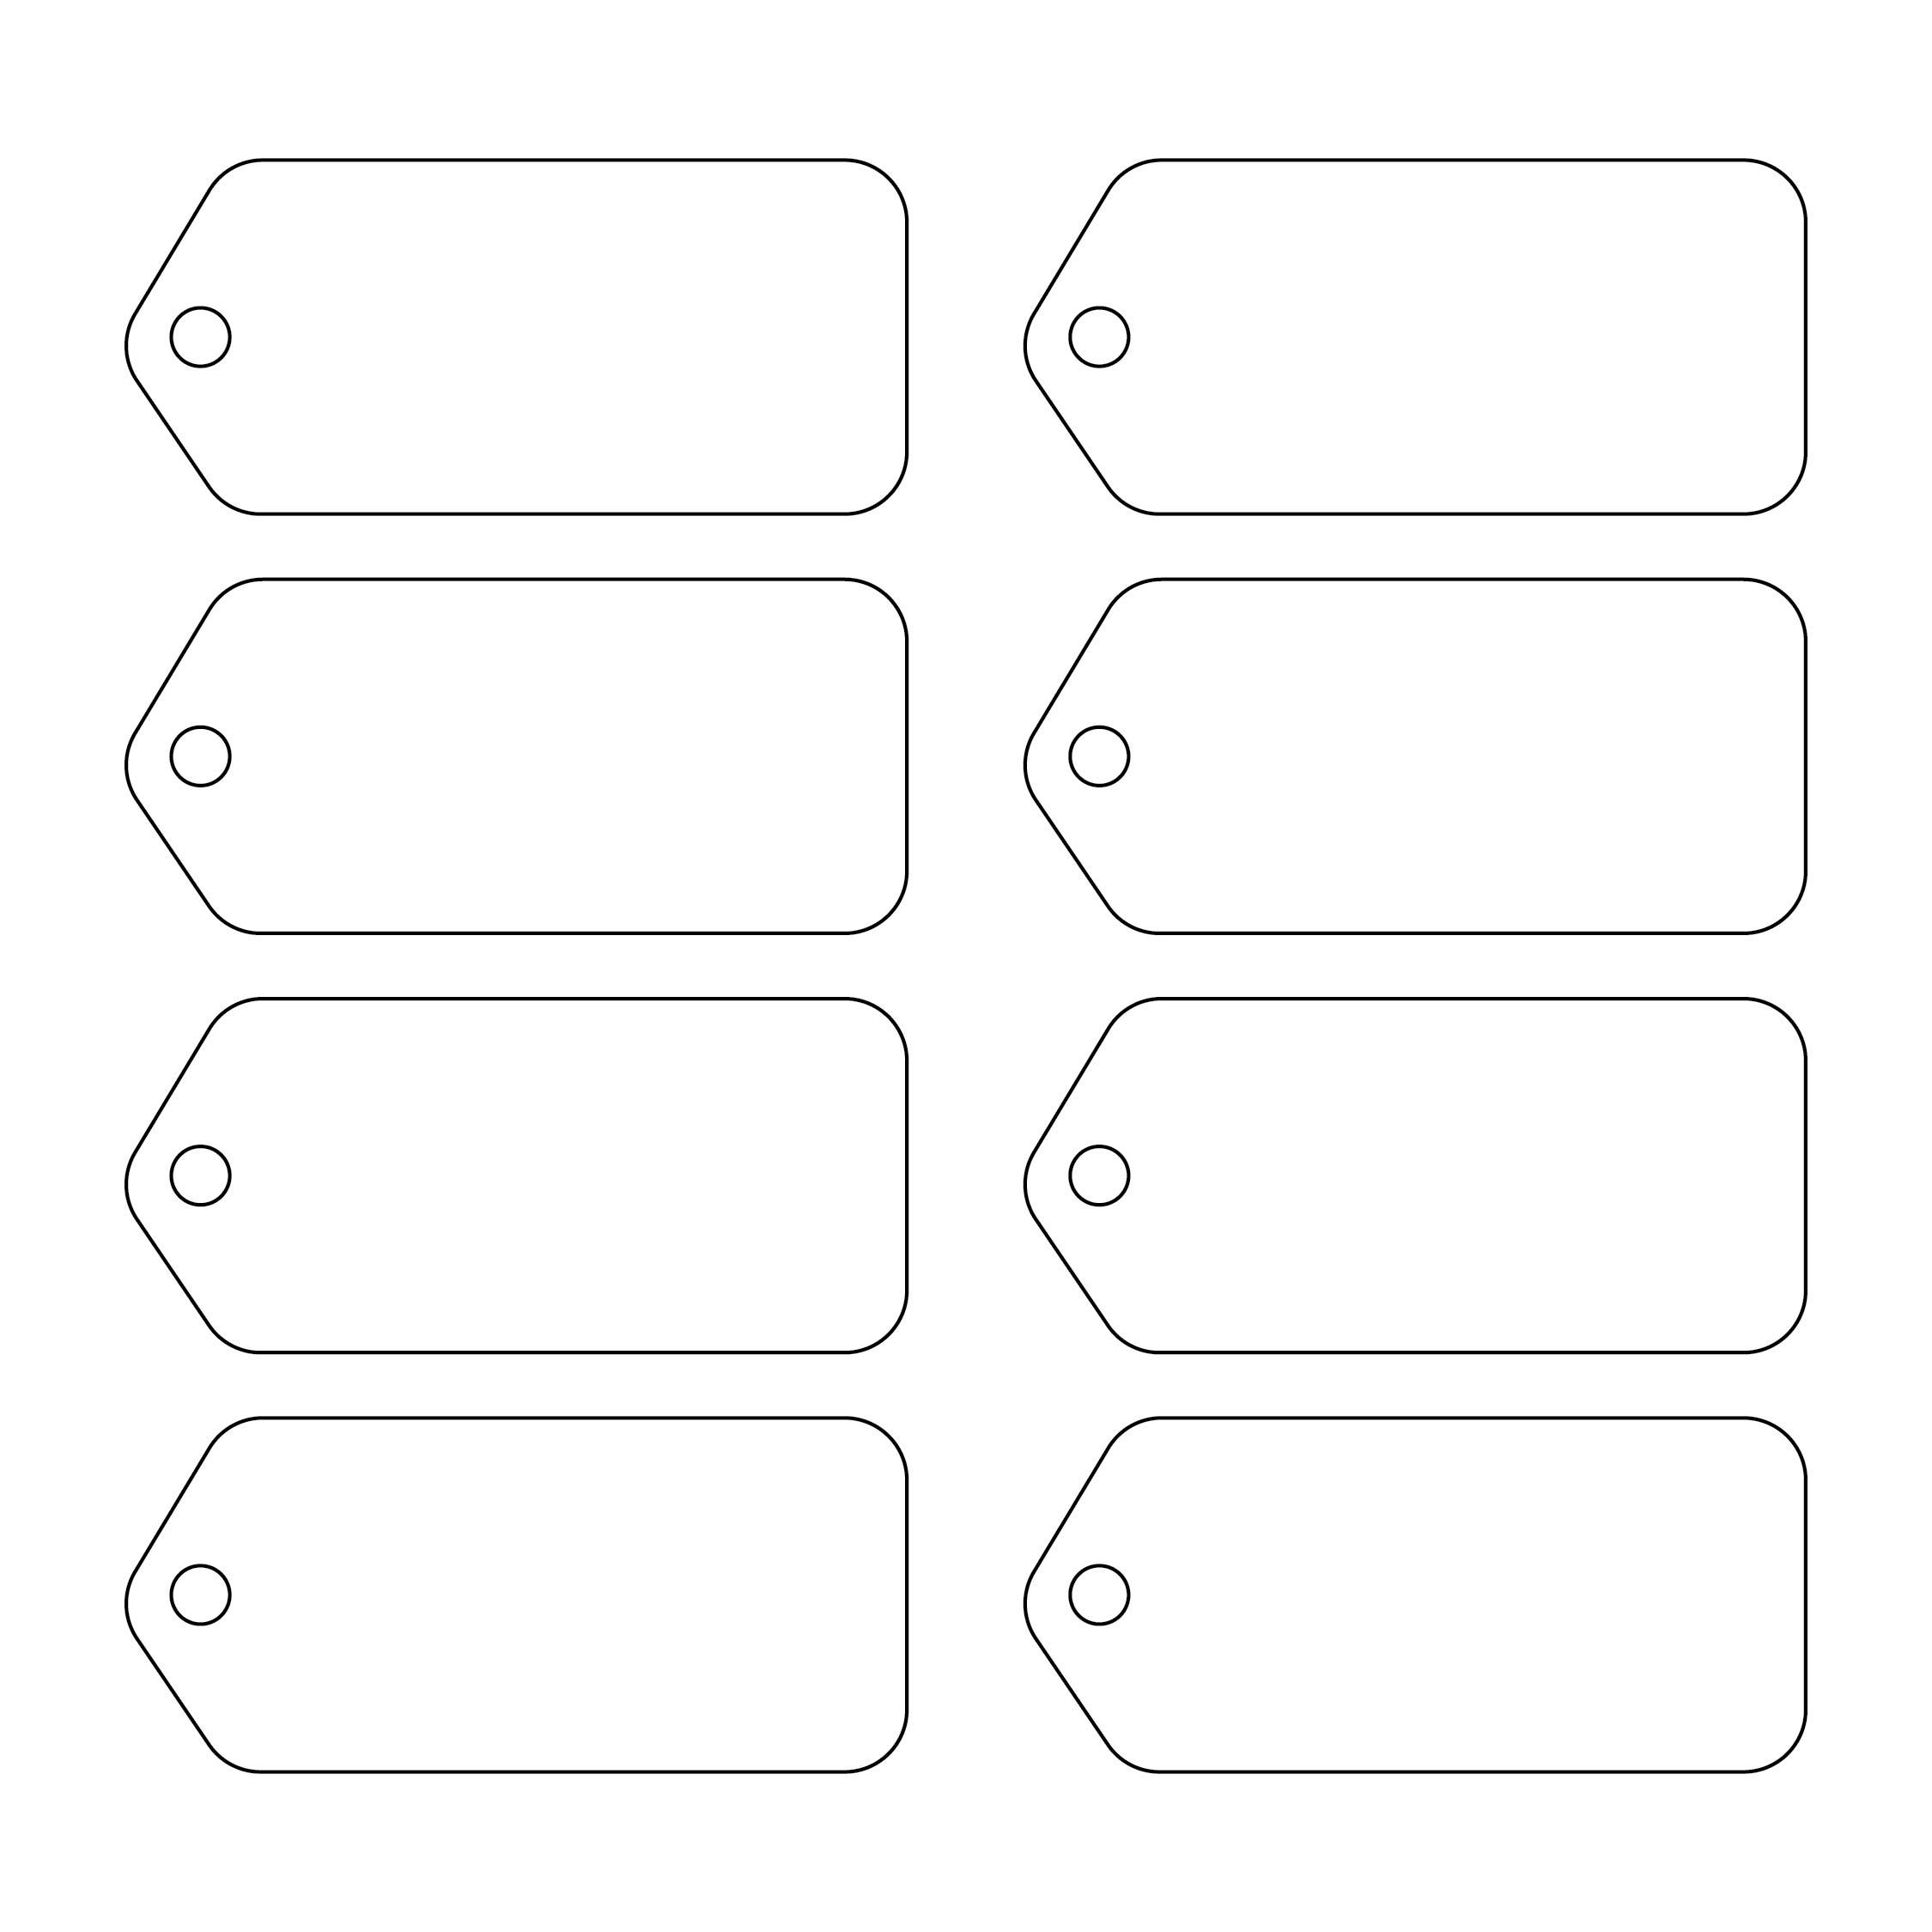 Printable Blank Gift Tags Template